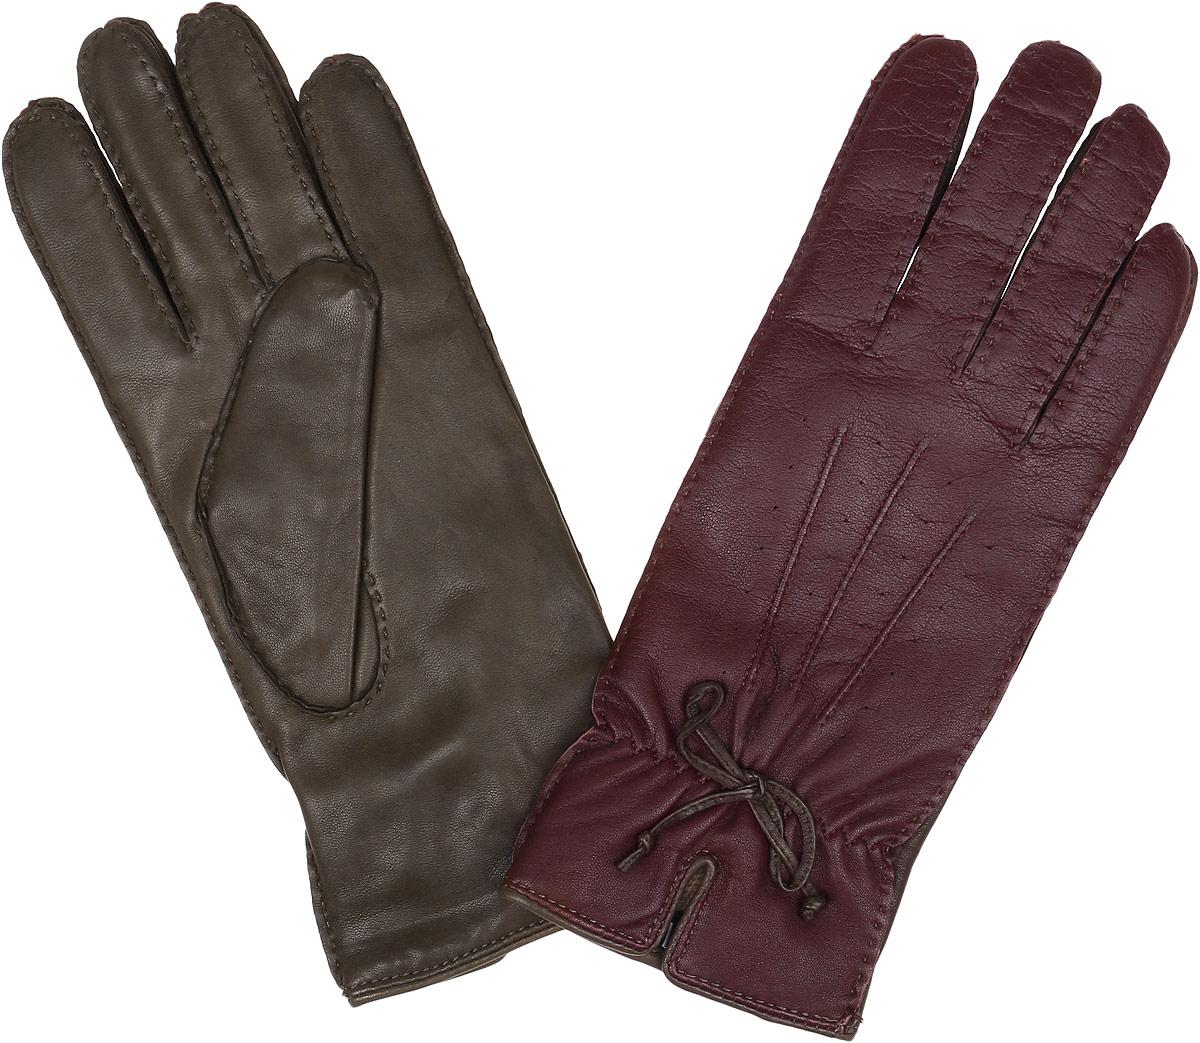 Перчатки женские Fabretti, цвет: каштановый. 2.40-3. Размер 6,52.40-3 cognacПотрясающие женские перчатки Fabretti не только защитят ваши руки, но и станут великолепным украшением. Перчатки выполнены из чрезвычайно мягкой и приятной на ощупь натуральной кожи, а их подкладка - из шерсти с добавлением кашемира. Модель исполнена в двух оттенках. Лицевая сторона оформлена оригинальной отстрочкой, бантиком, декоративными швами три луча, небольшим разрезом, а также аккуратной резинкой для лучшей фиксации модели на запястье. Отличный классический вариант, который станет прекрасным дополнением к вашему образу.